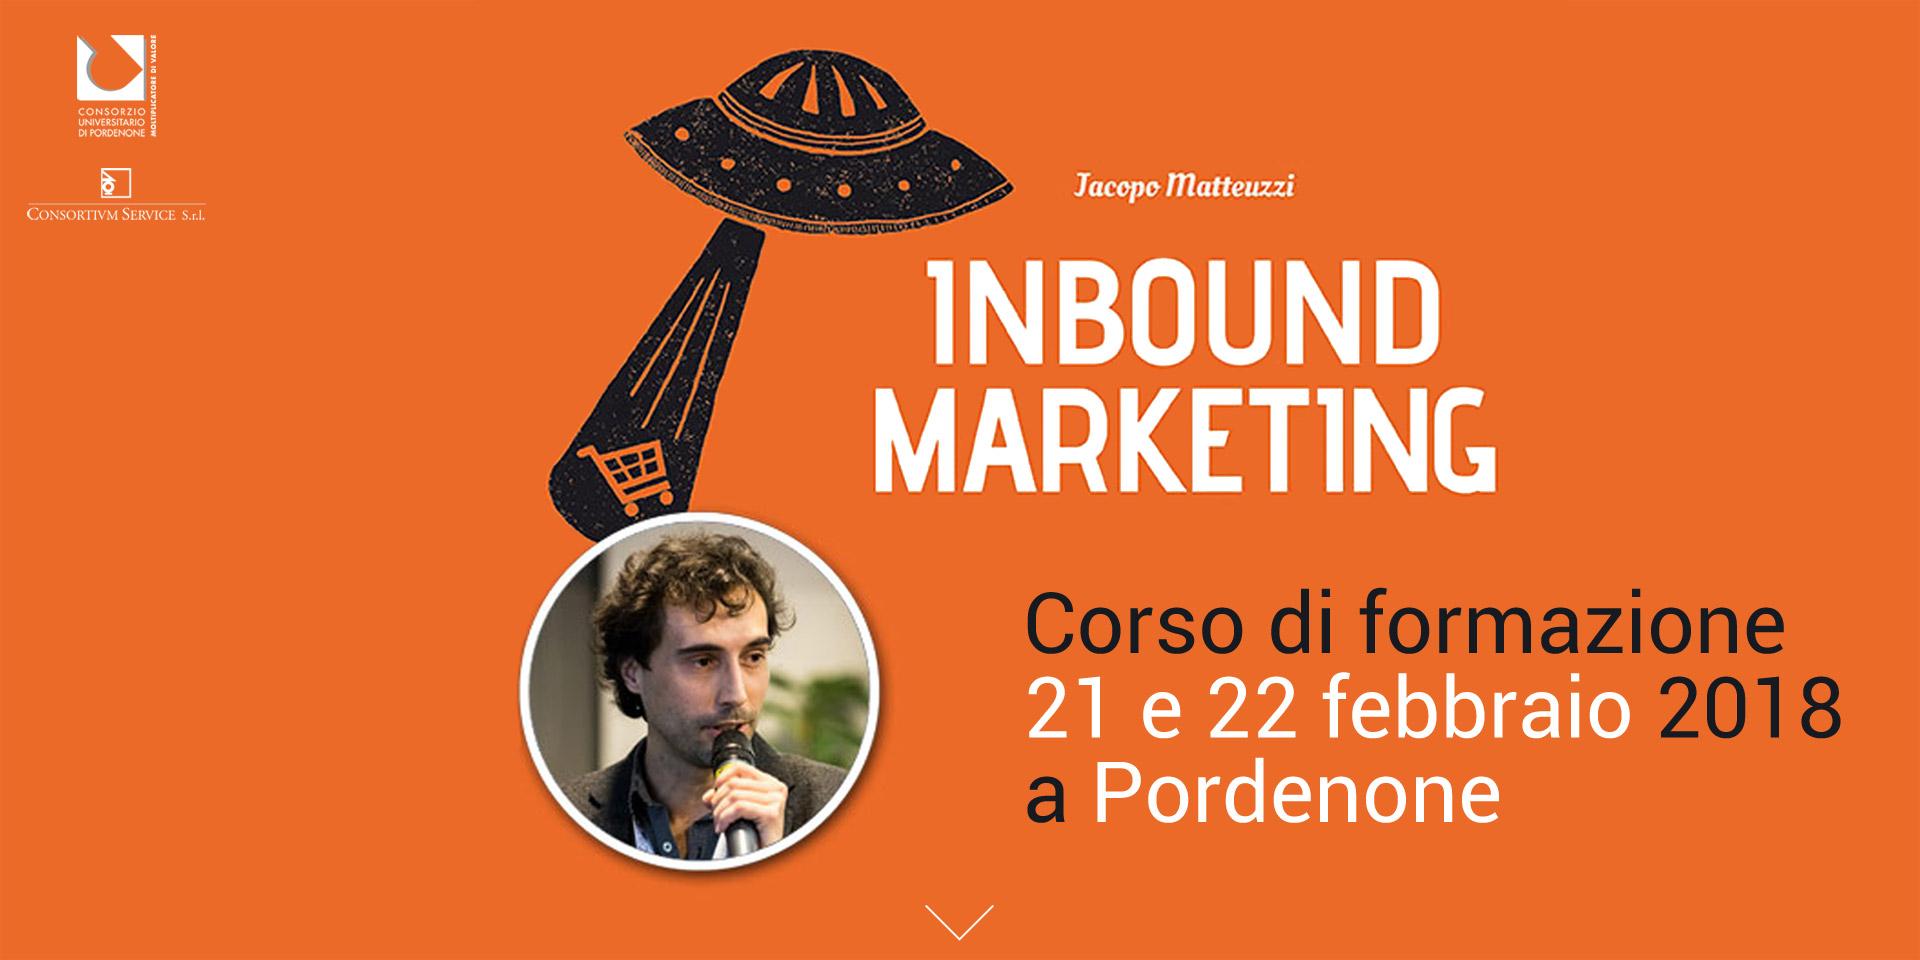 """Corso Inbound Marketing con Jacopo """"Samo"""" Matteuzzi al Consorzio Universitario il 21 e 22 febbraio 2018"""